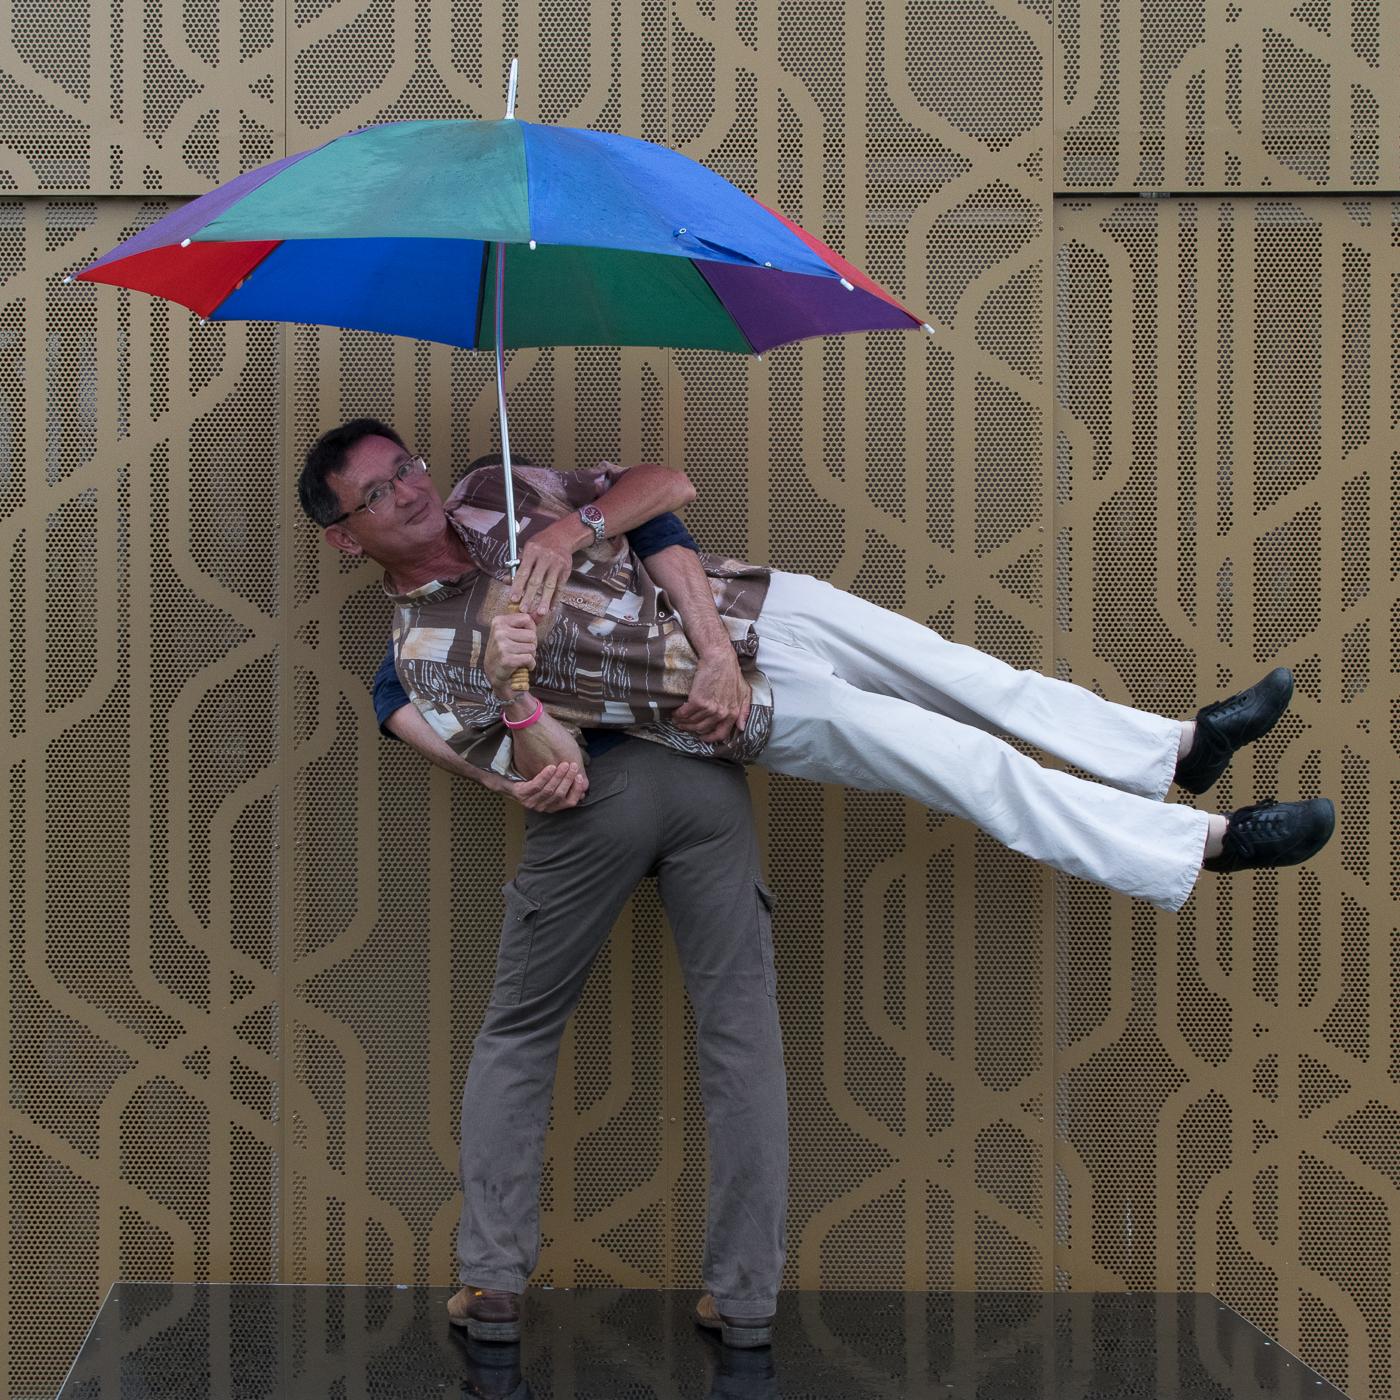 Parapluies 2016 - Ceci n'est pas un parasol